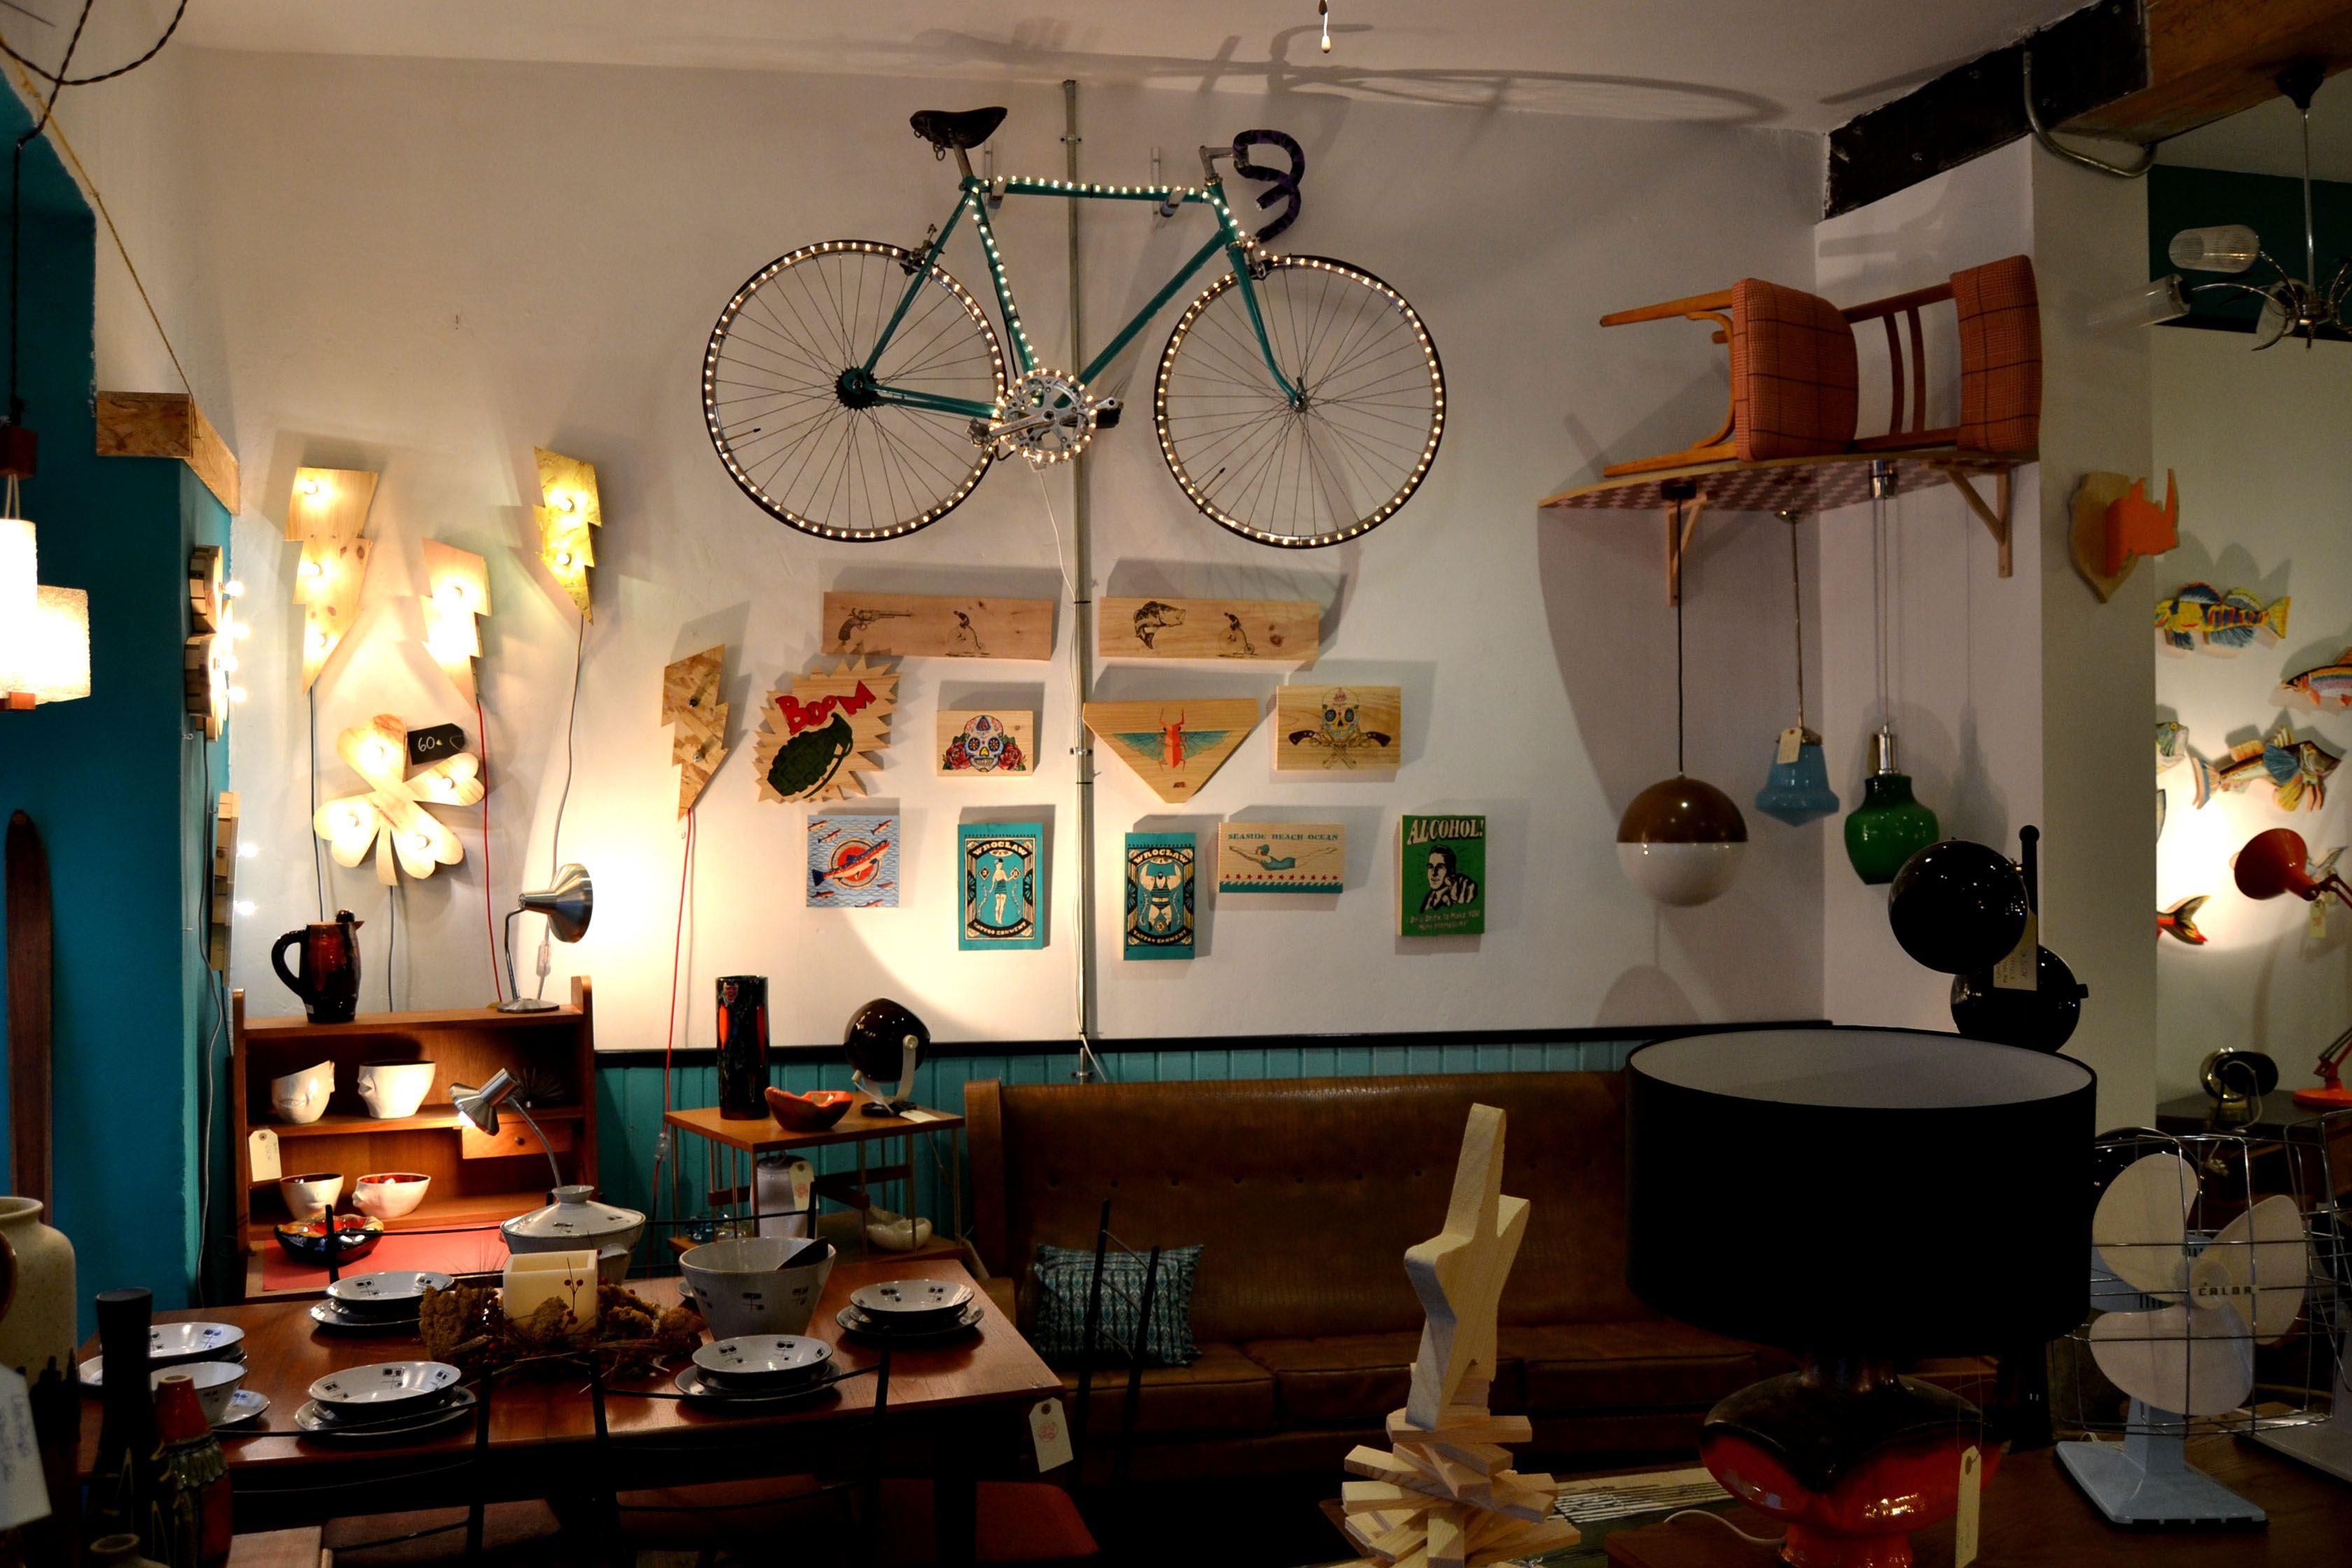 Diciembre 2014 tienda lakari kala venta de muebles y decoraci n vintage pinterest - Centro reto madrid recogida muebles ...